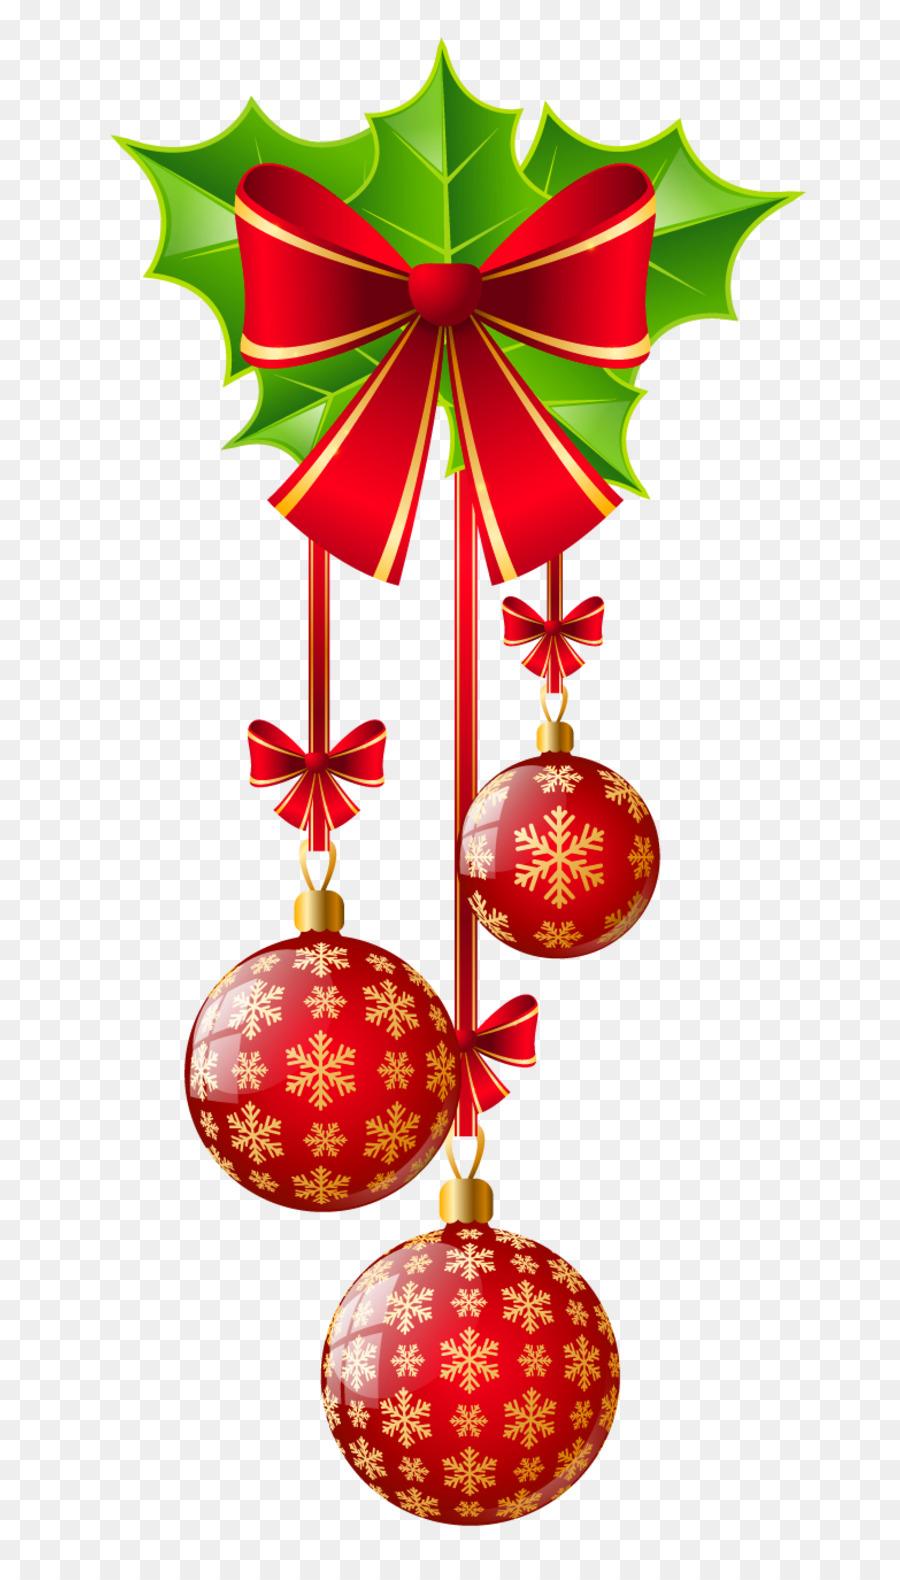 Descarga gratuita de Adorno De Navidad, La Navidad, Bombka Imágen de Png